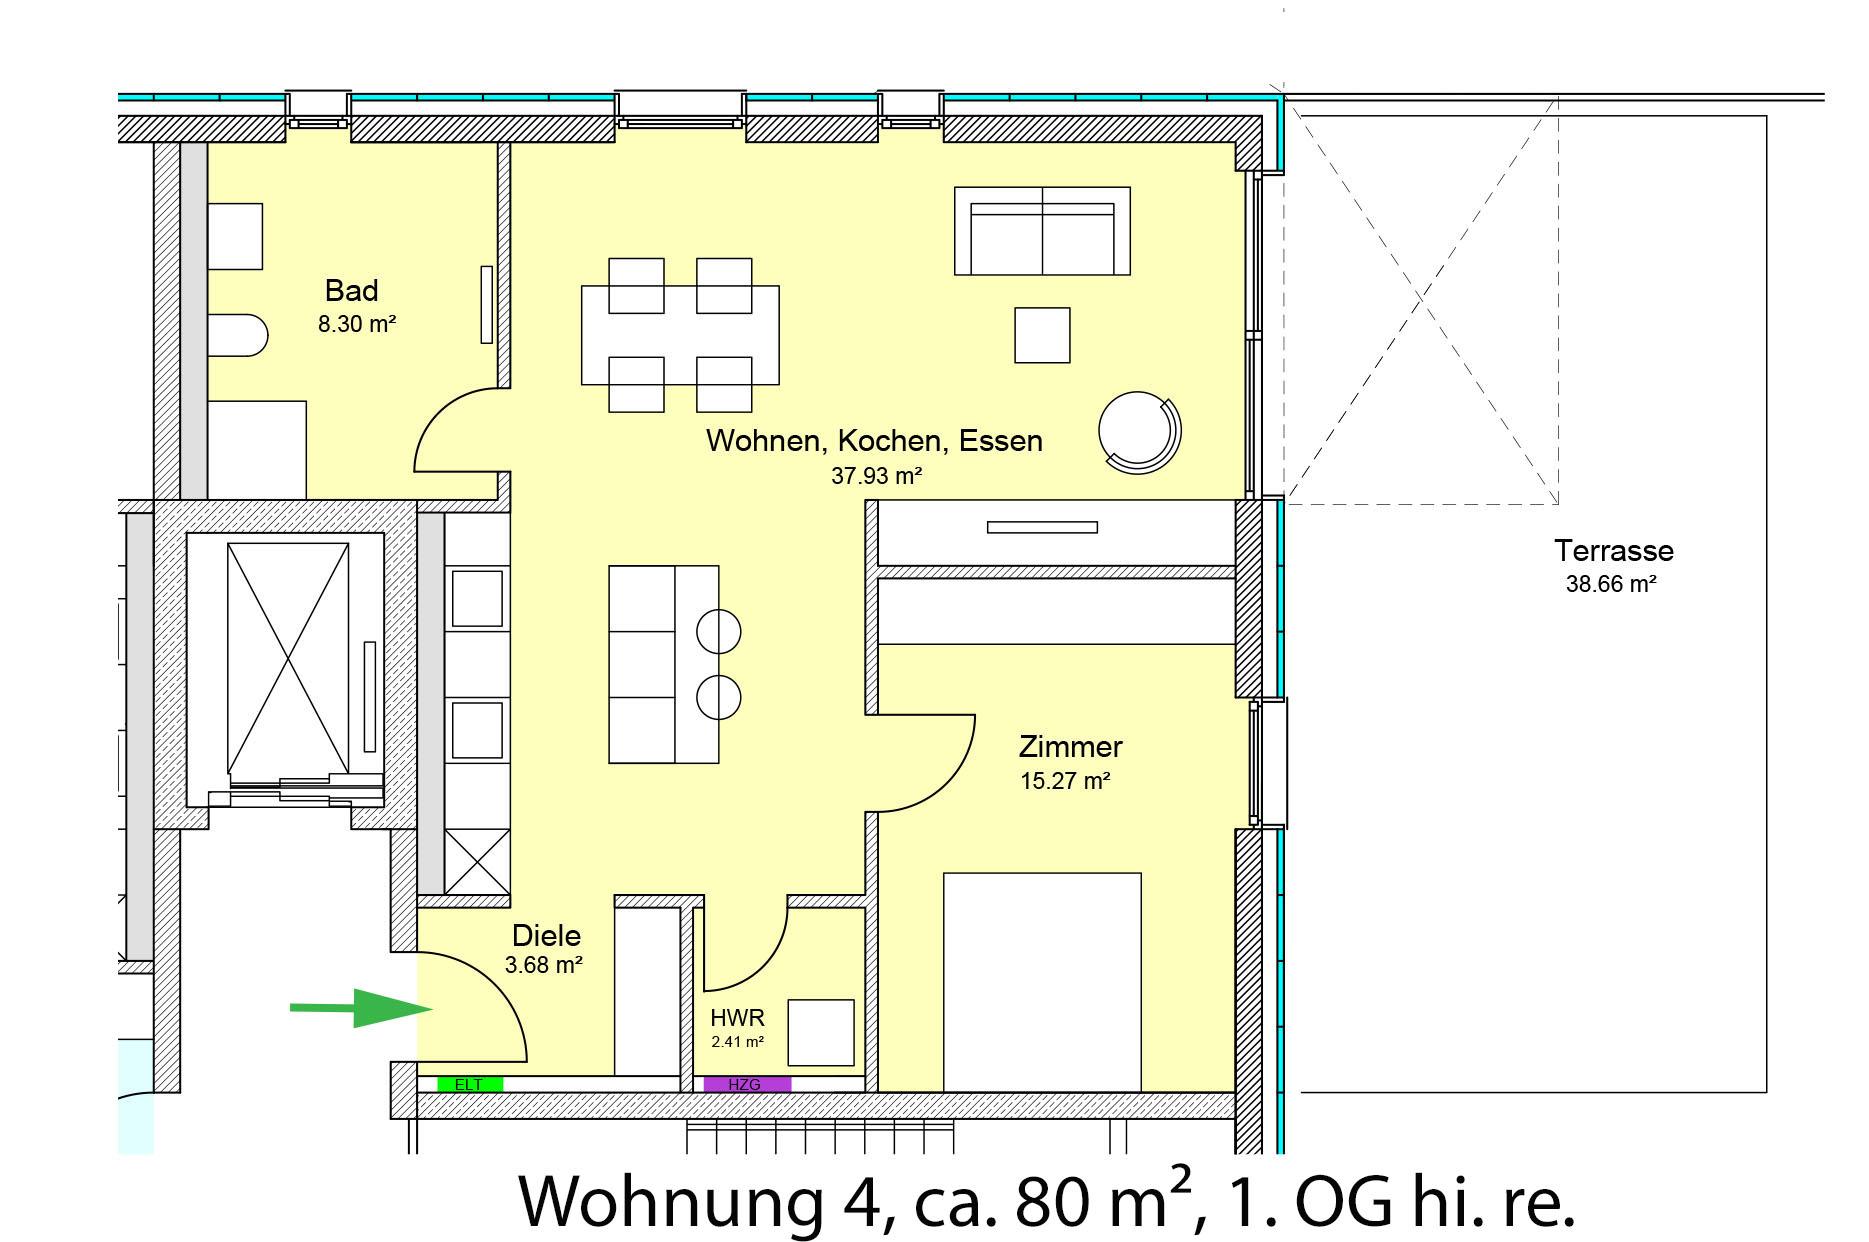 Wohnungstypen Der Wohnzwilling Hellwinkel Terrassen